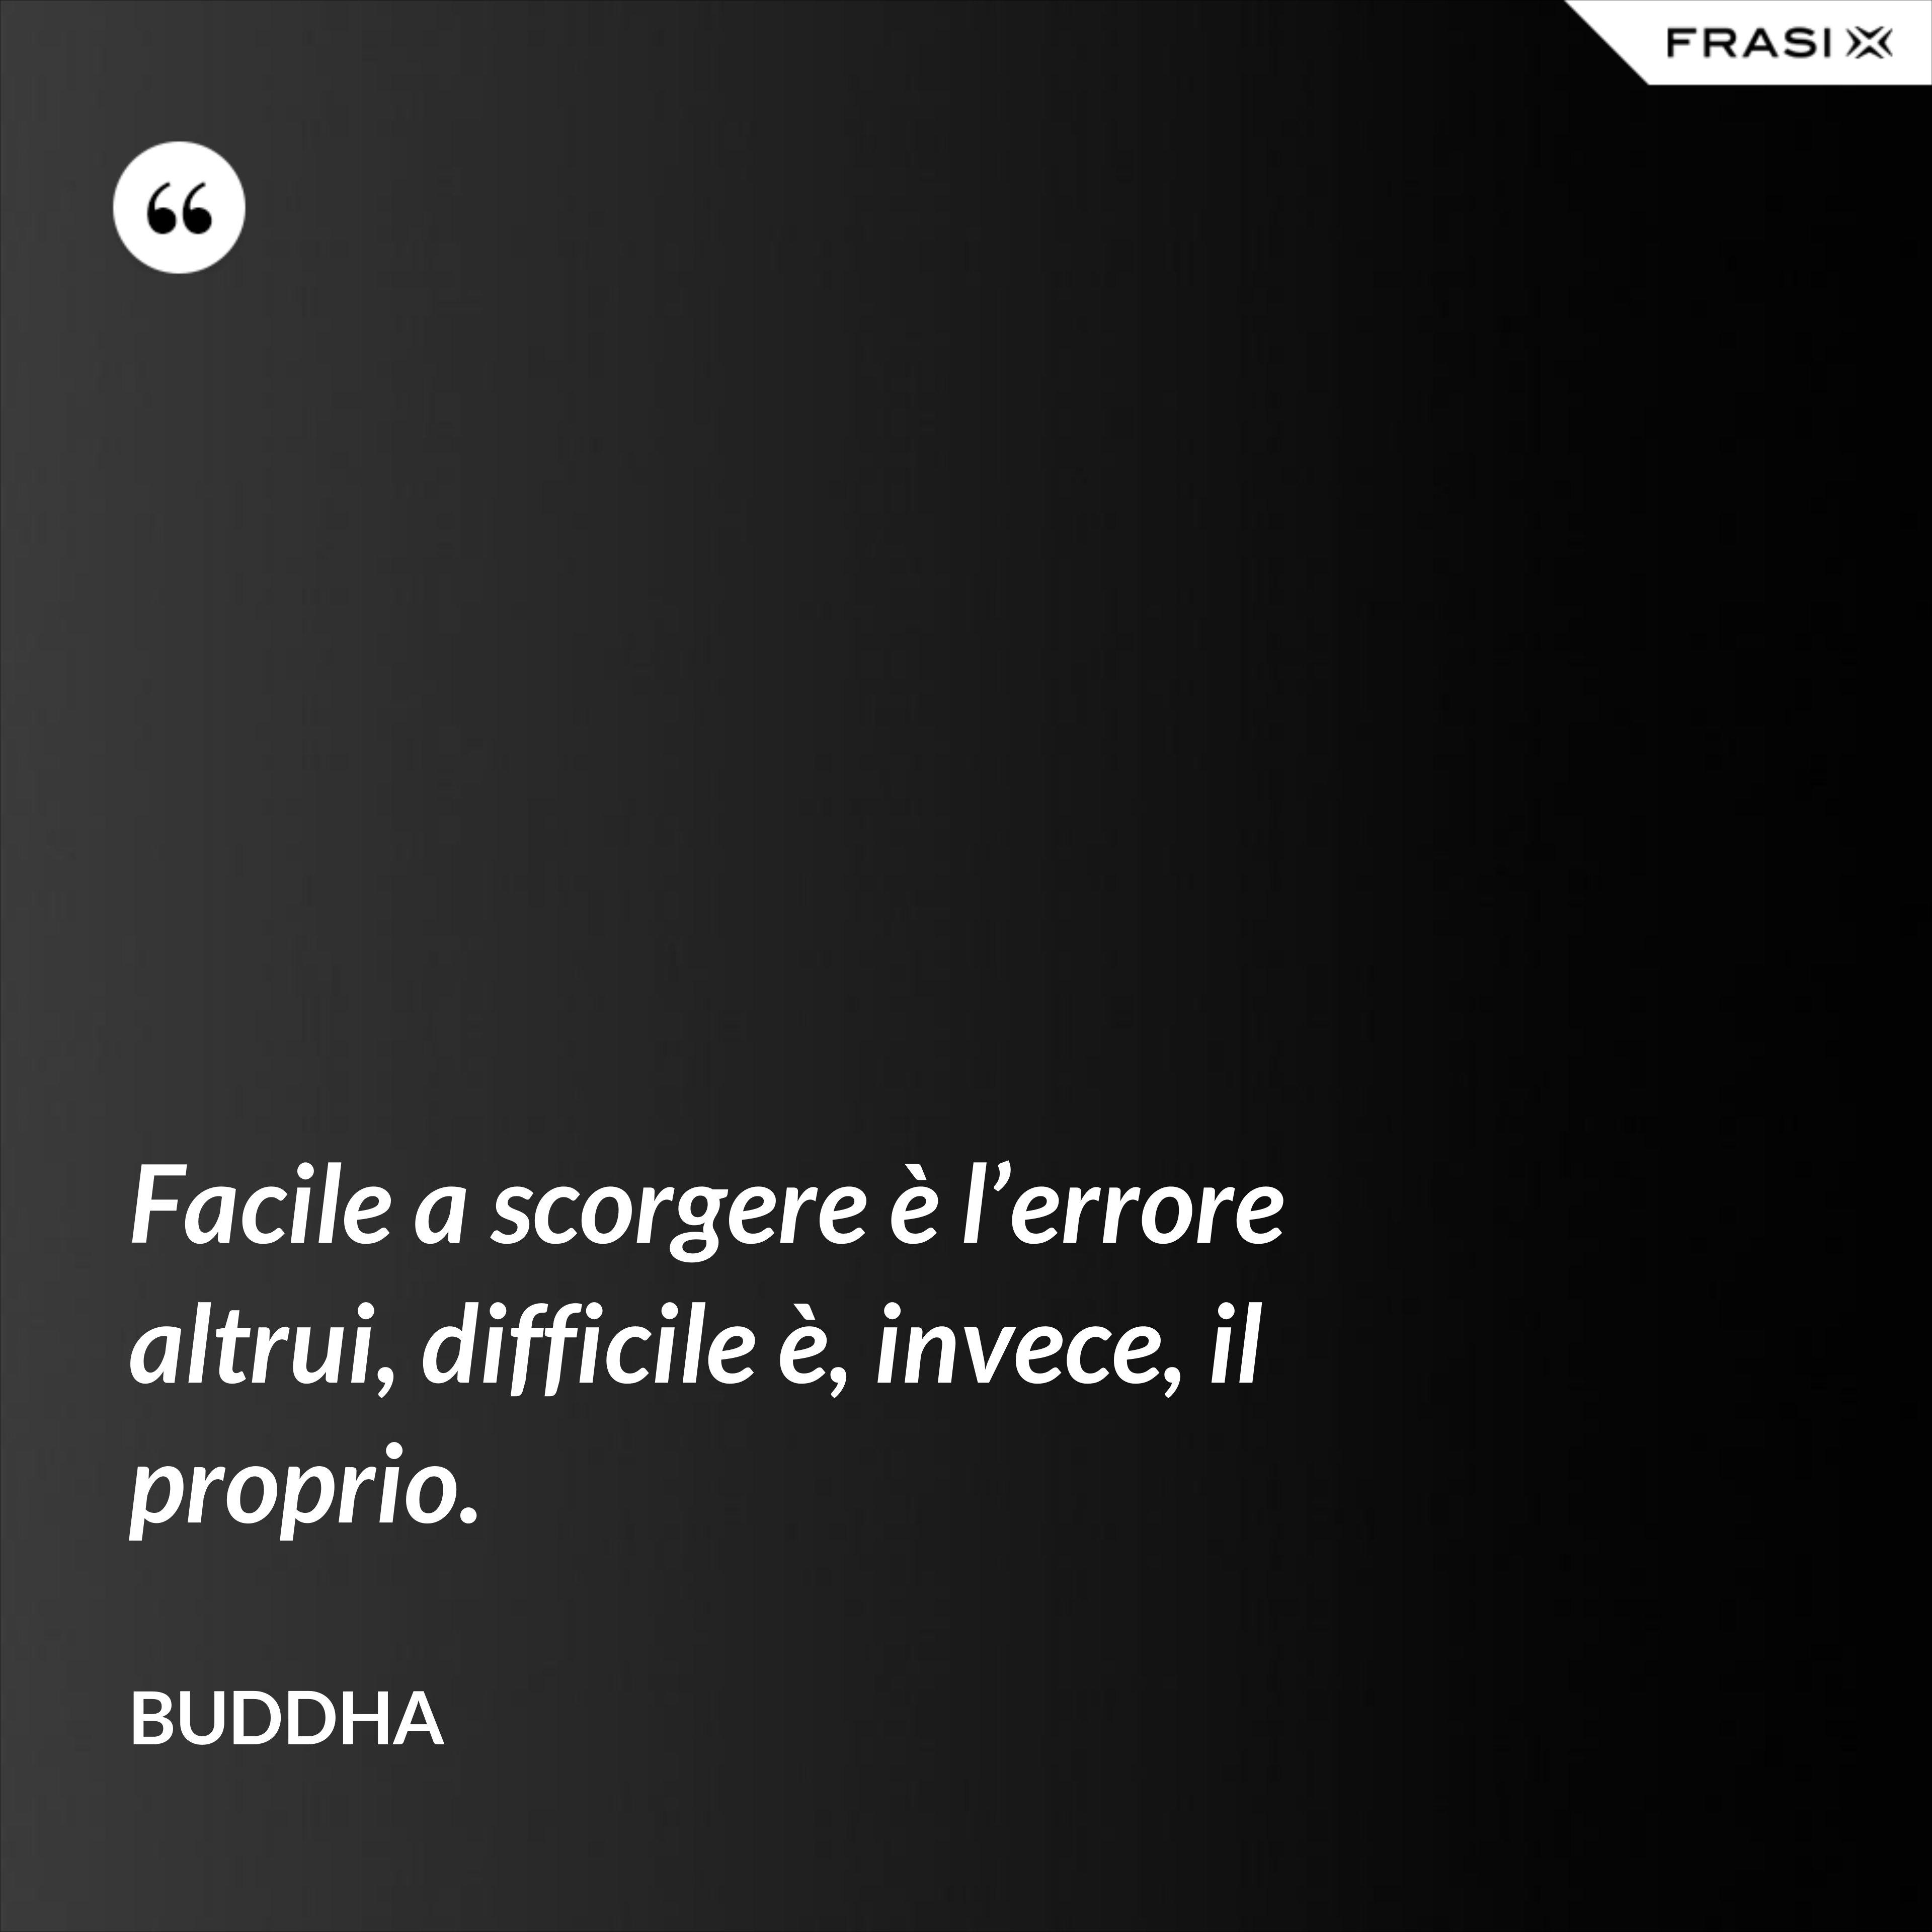 Facile a scorgere è l'errore altrui, difficile è, invece, il proprio. - Buddha